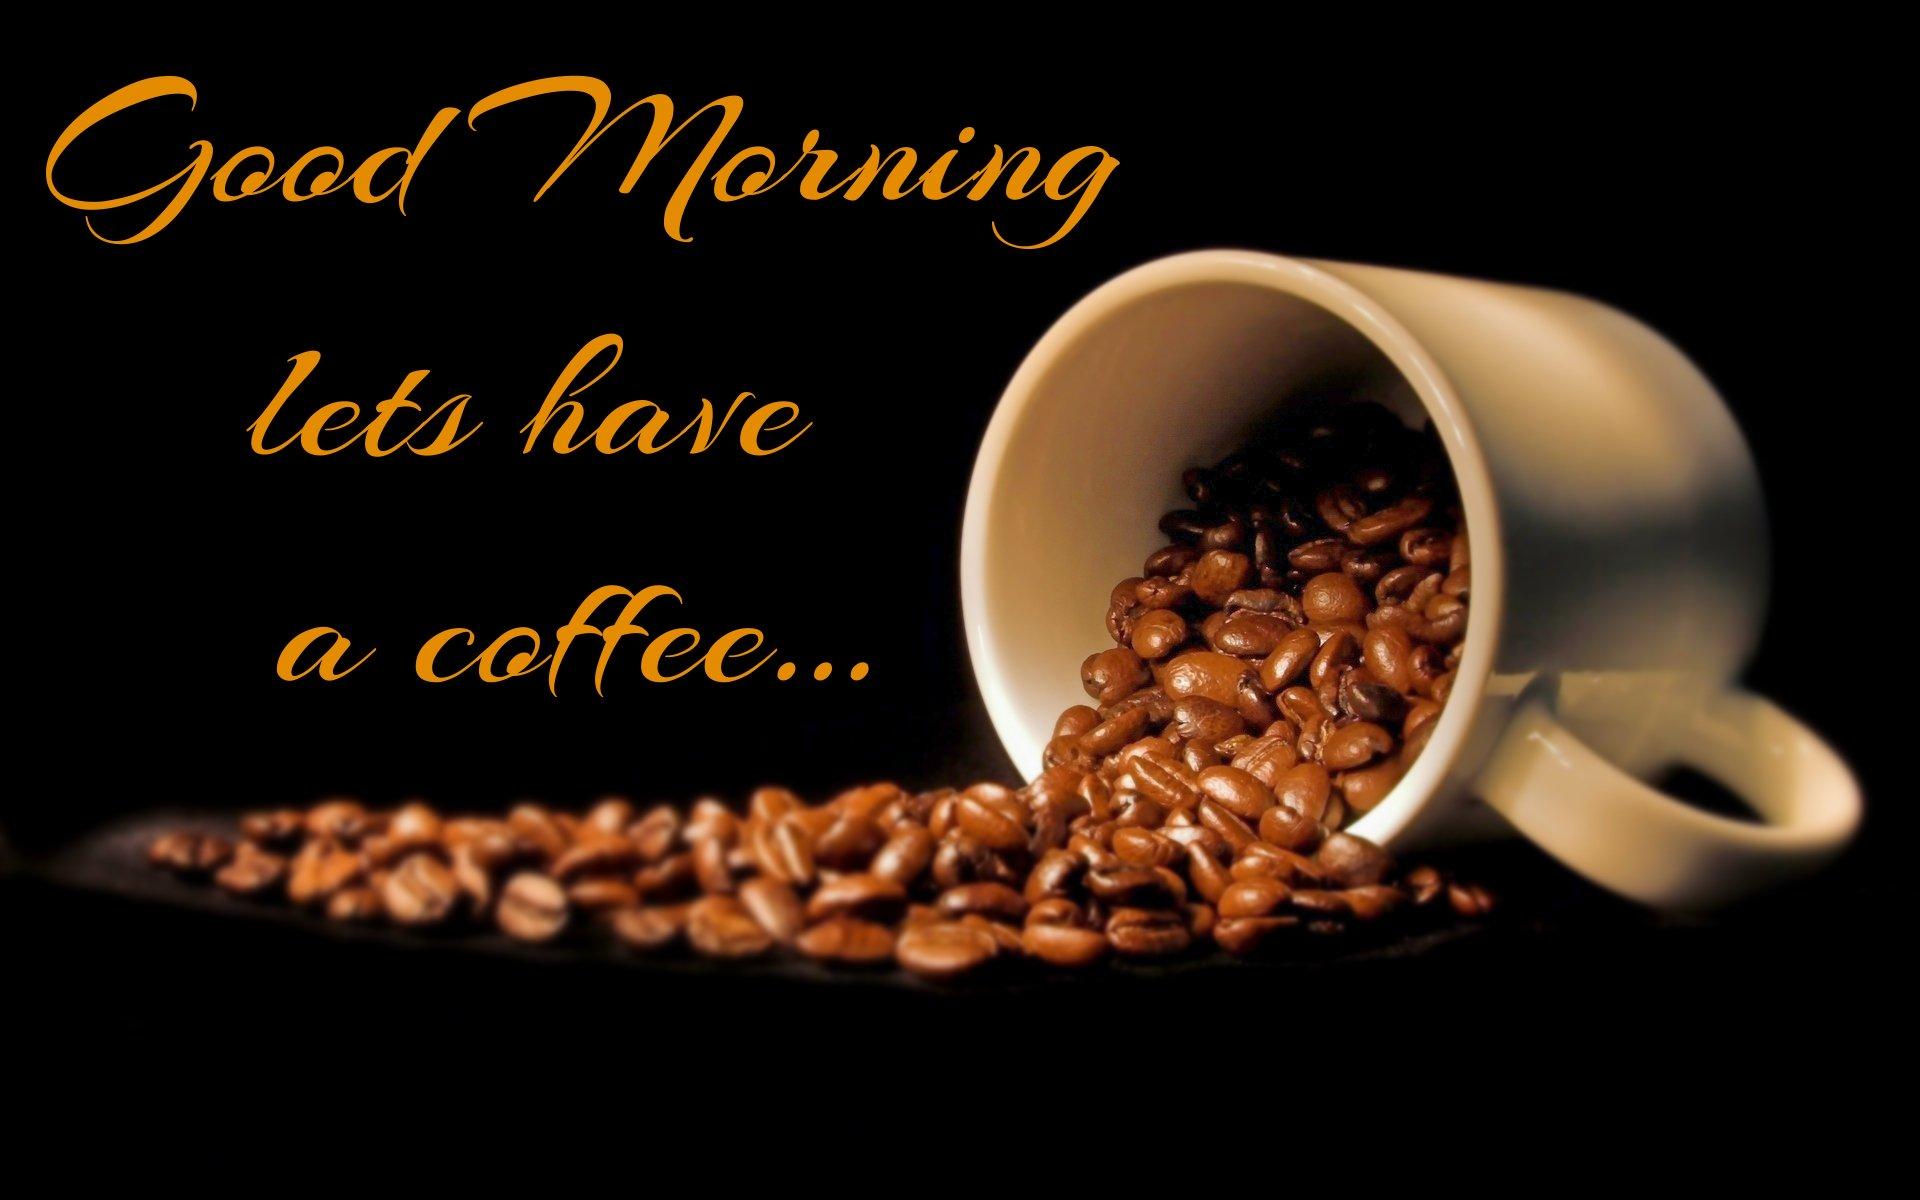 Hd wallpaper of good morning - Hd Wallpaper Of Good Morning 8